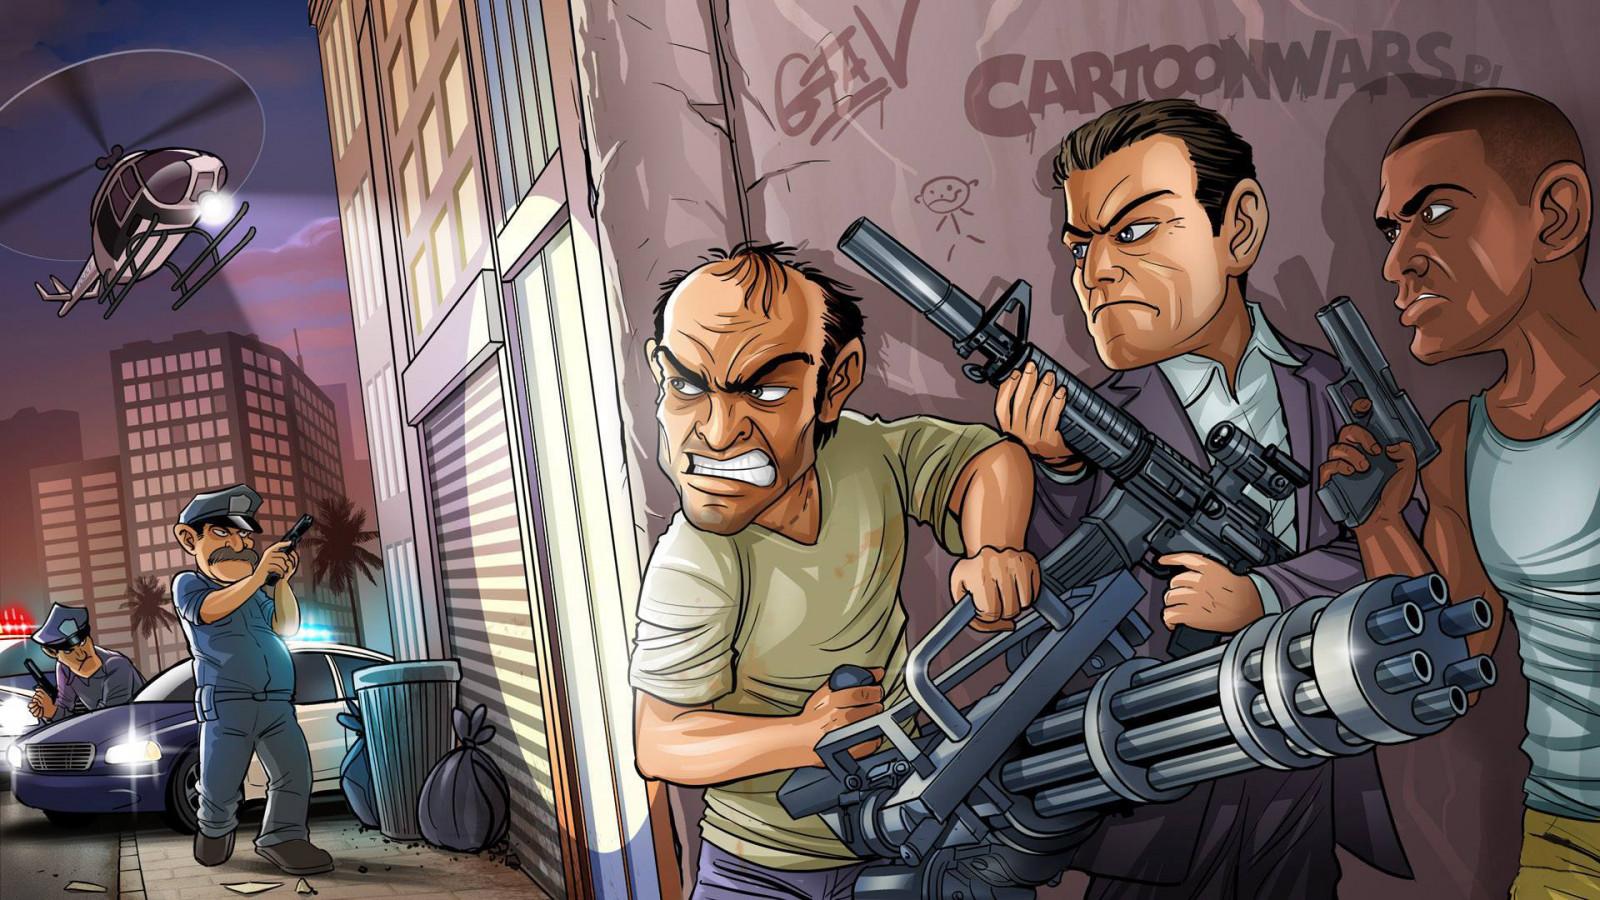 Ipad Retina Hd Wallpaper Rockstar Games: Wallpaper : Bandits, Weapons, Michael, Trevor Phillips